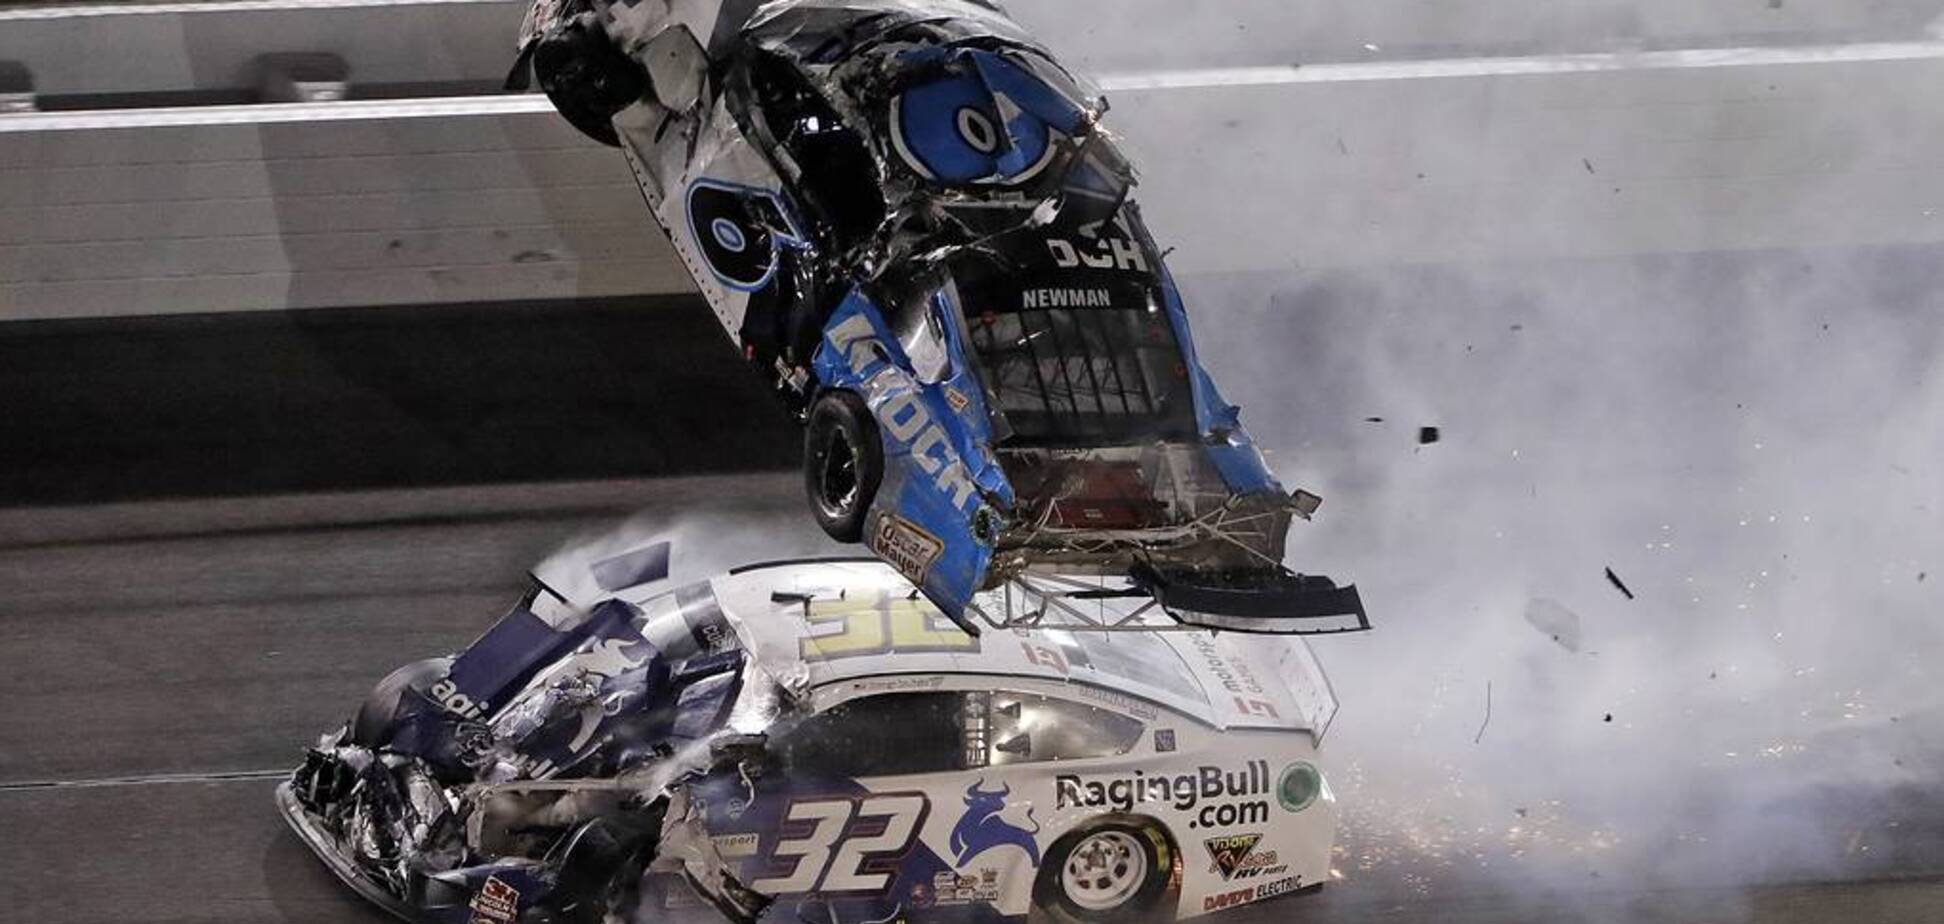 Земля - воздух: страшная авария на финише гонки NASCAR едва не стоила жизни чемпиону